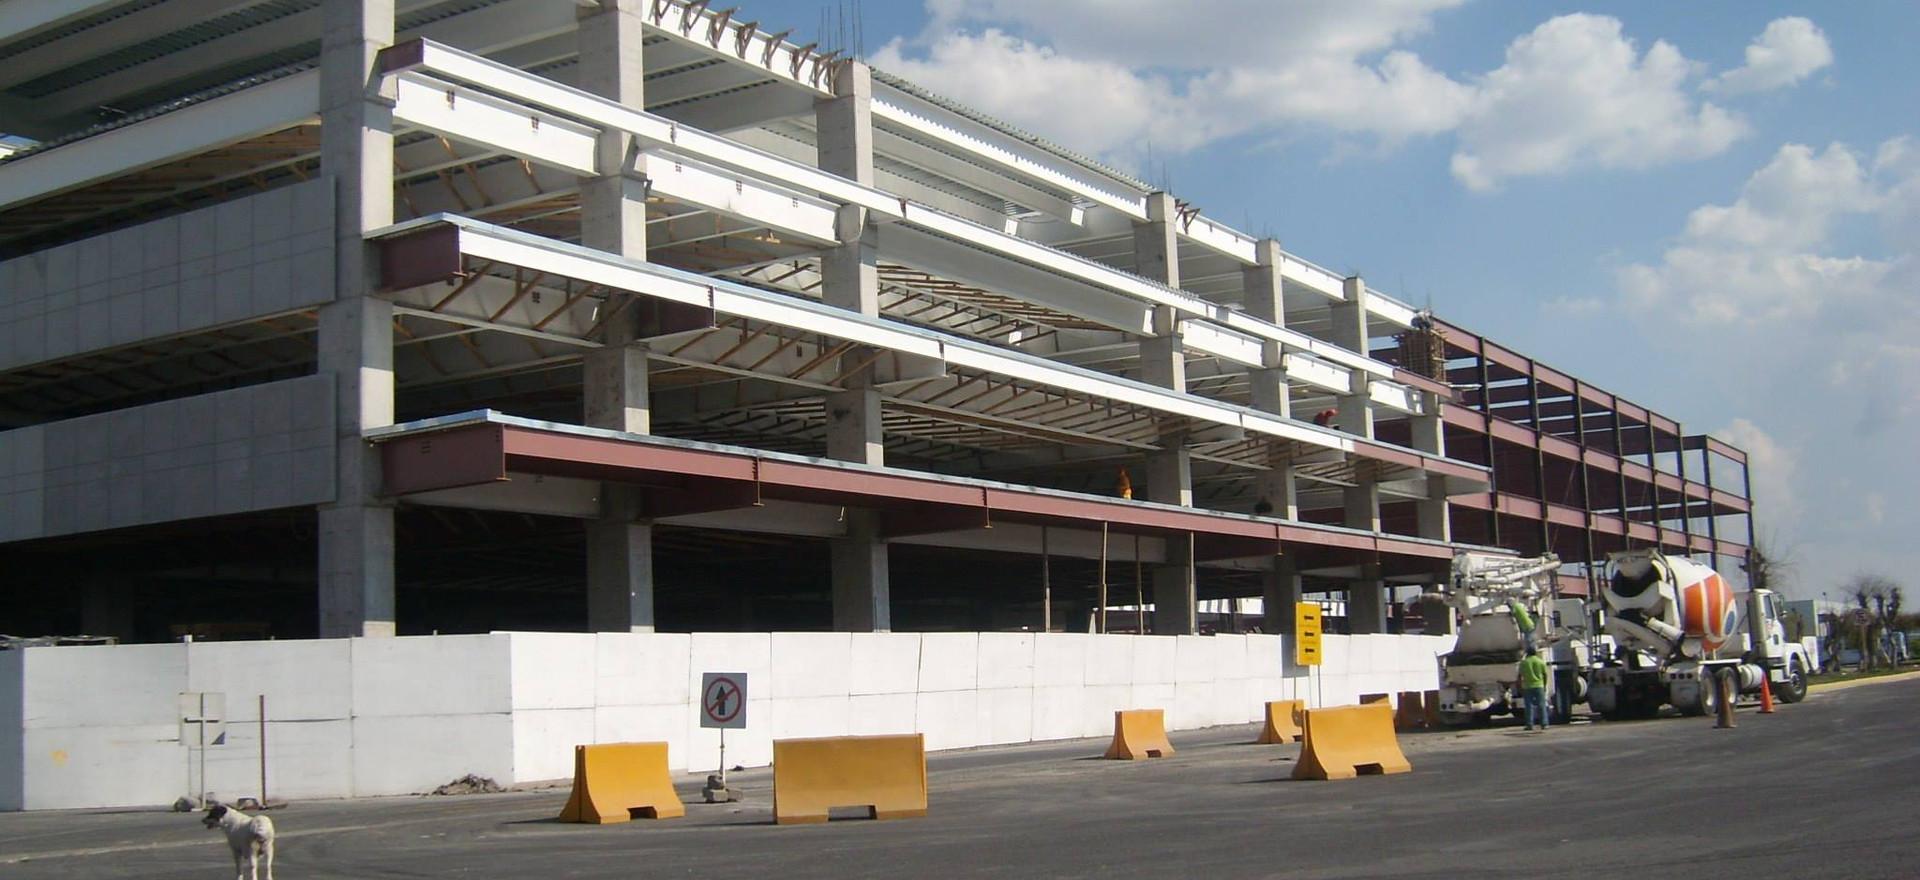 Estacionamiento Aeropuerto de Toluca